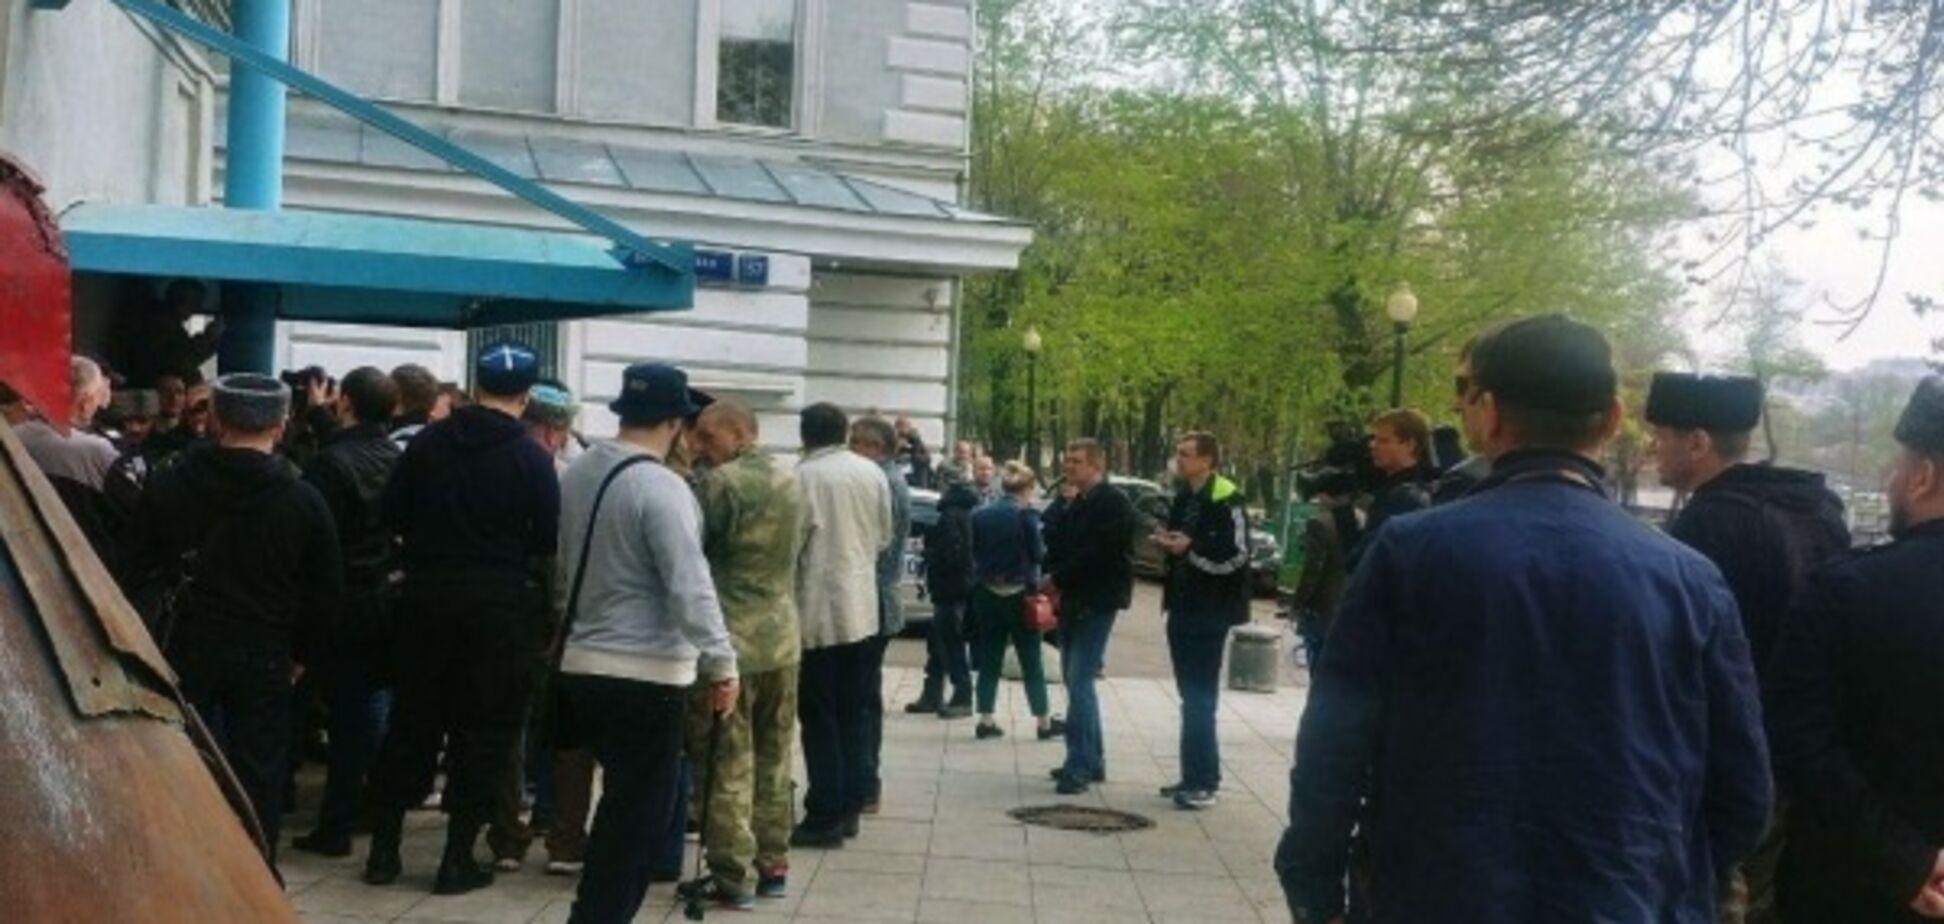 Прихильники 'Л/ДНР' взяли в облогу центр в Москві